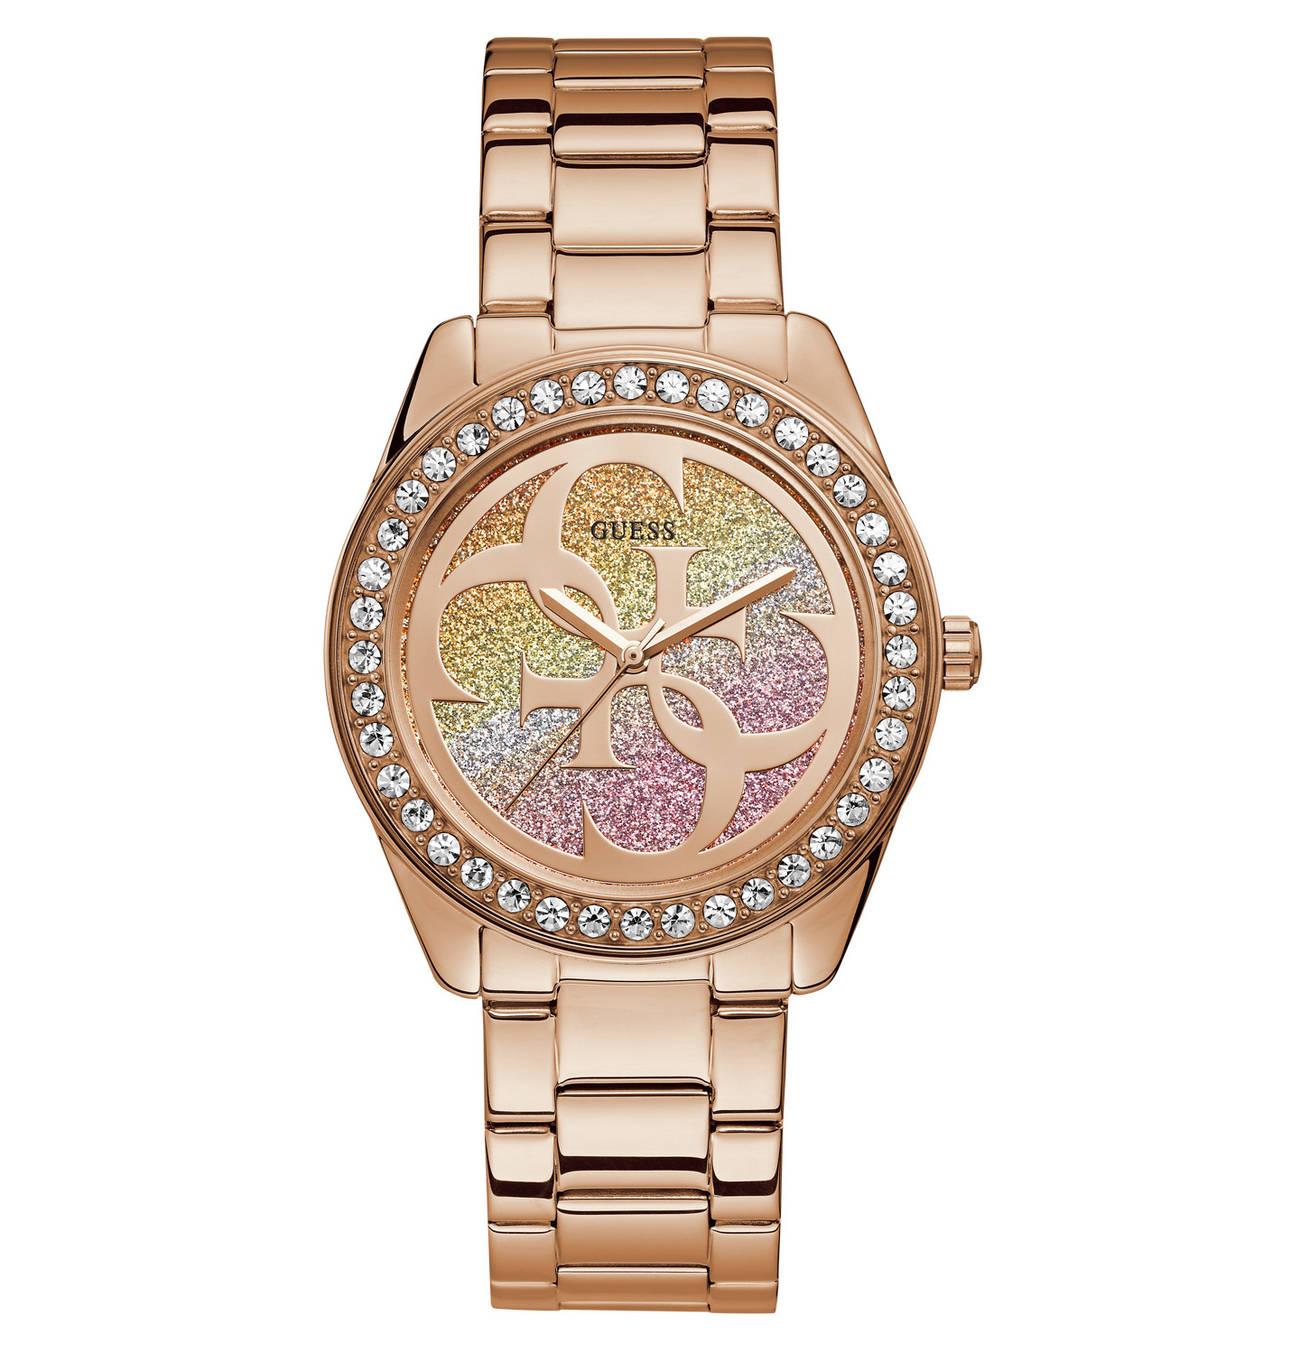 Damenuhr Ladies Trend G Twist W1201l3 Damenuhren Uhren Und Lady